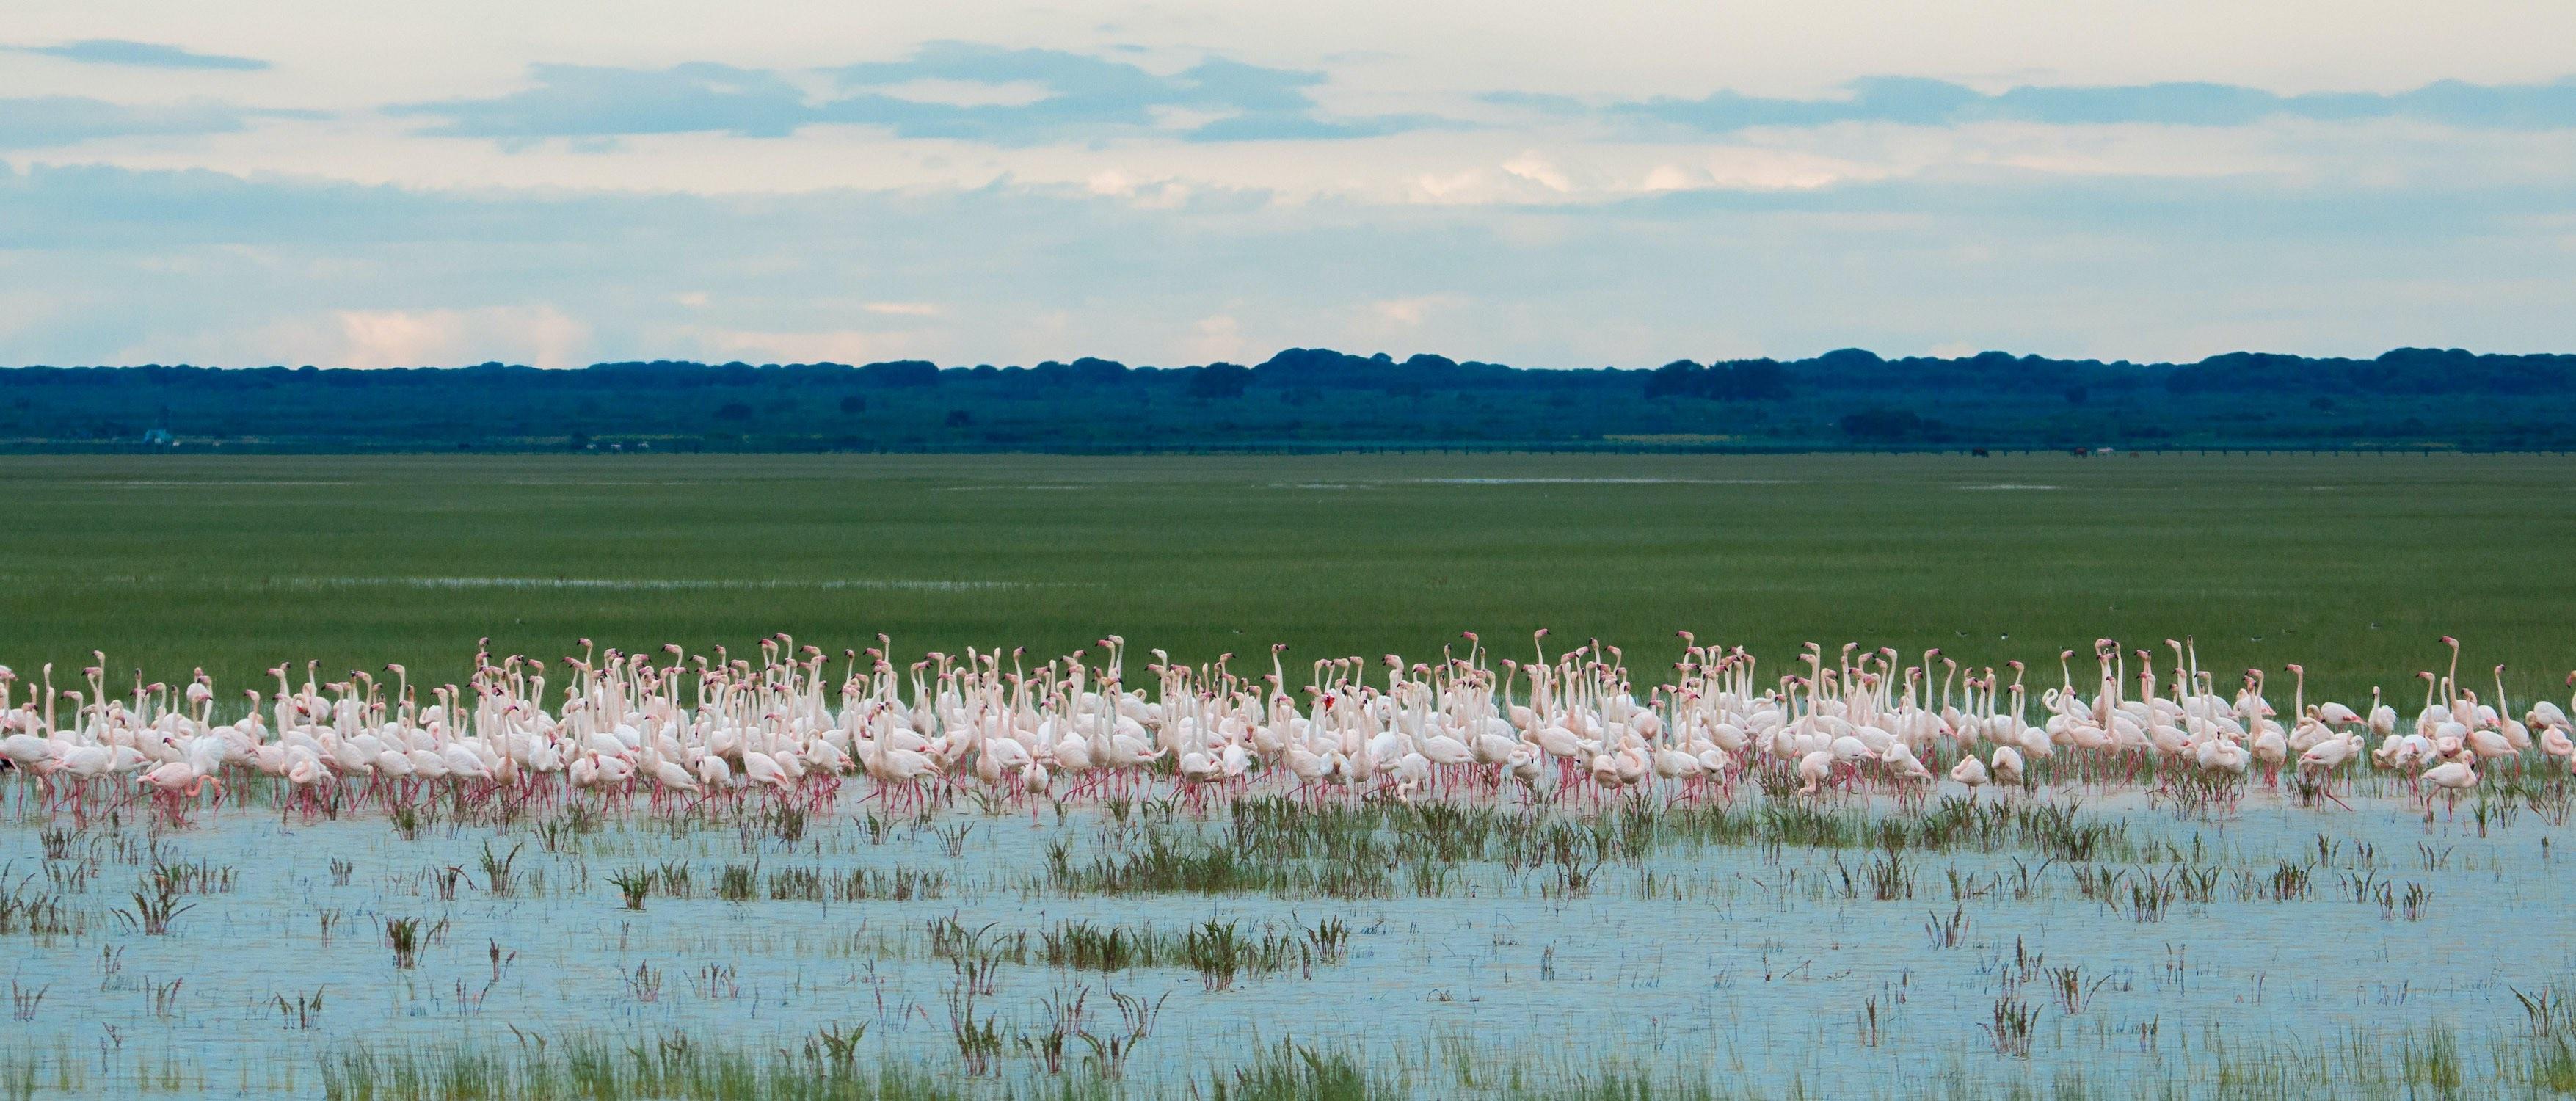 flamingo-flock-marshes